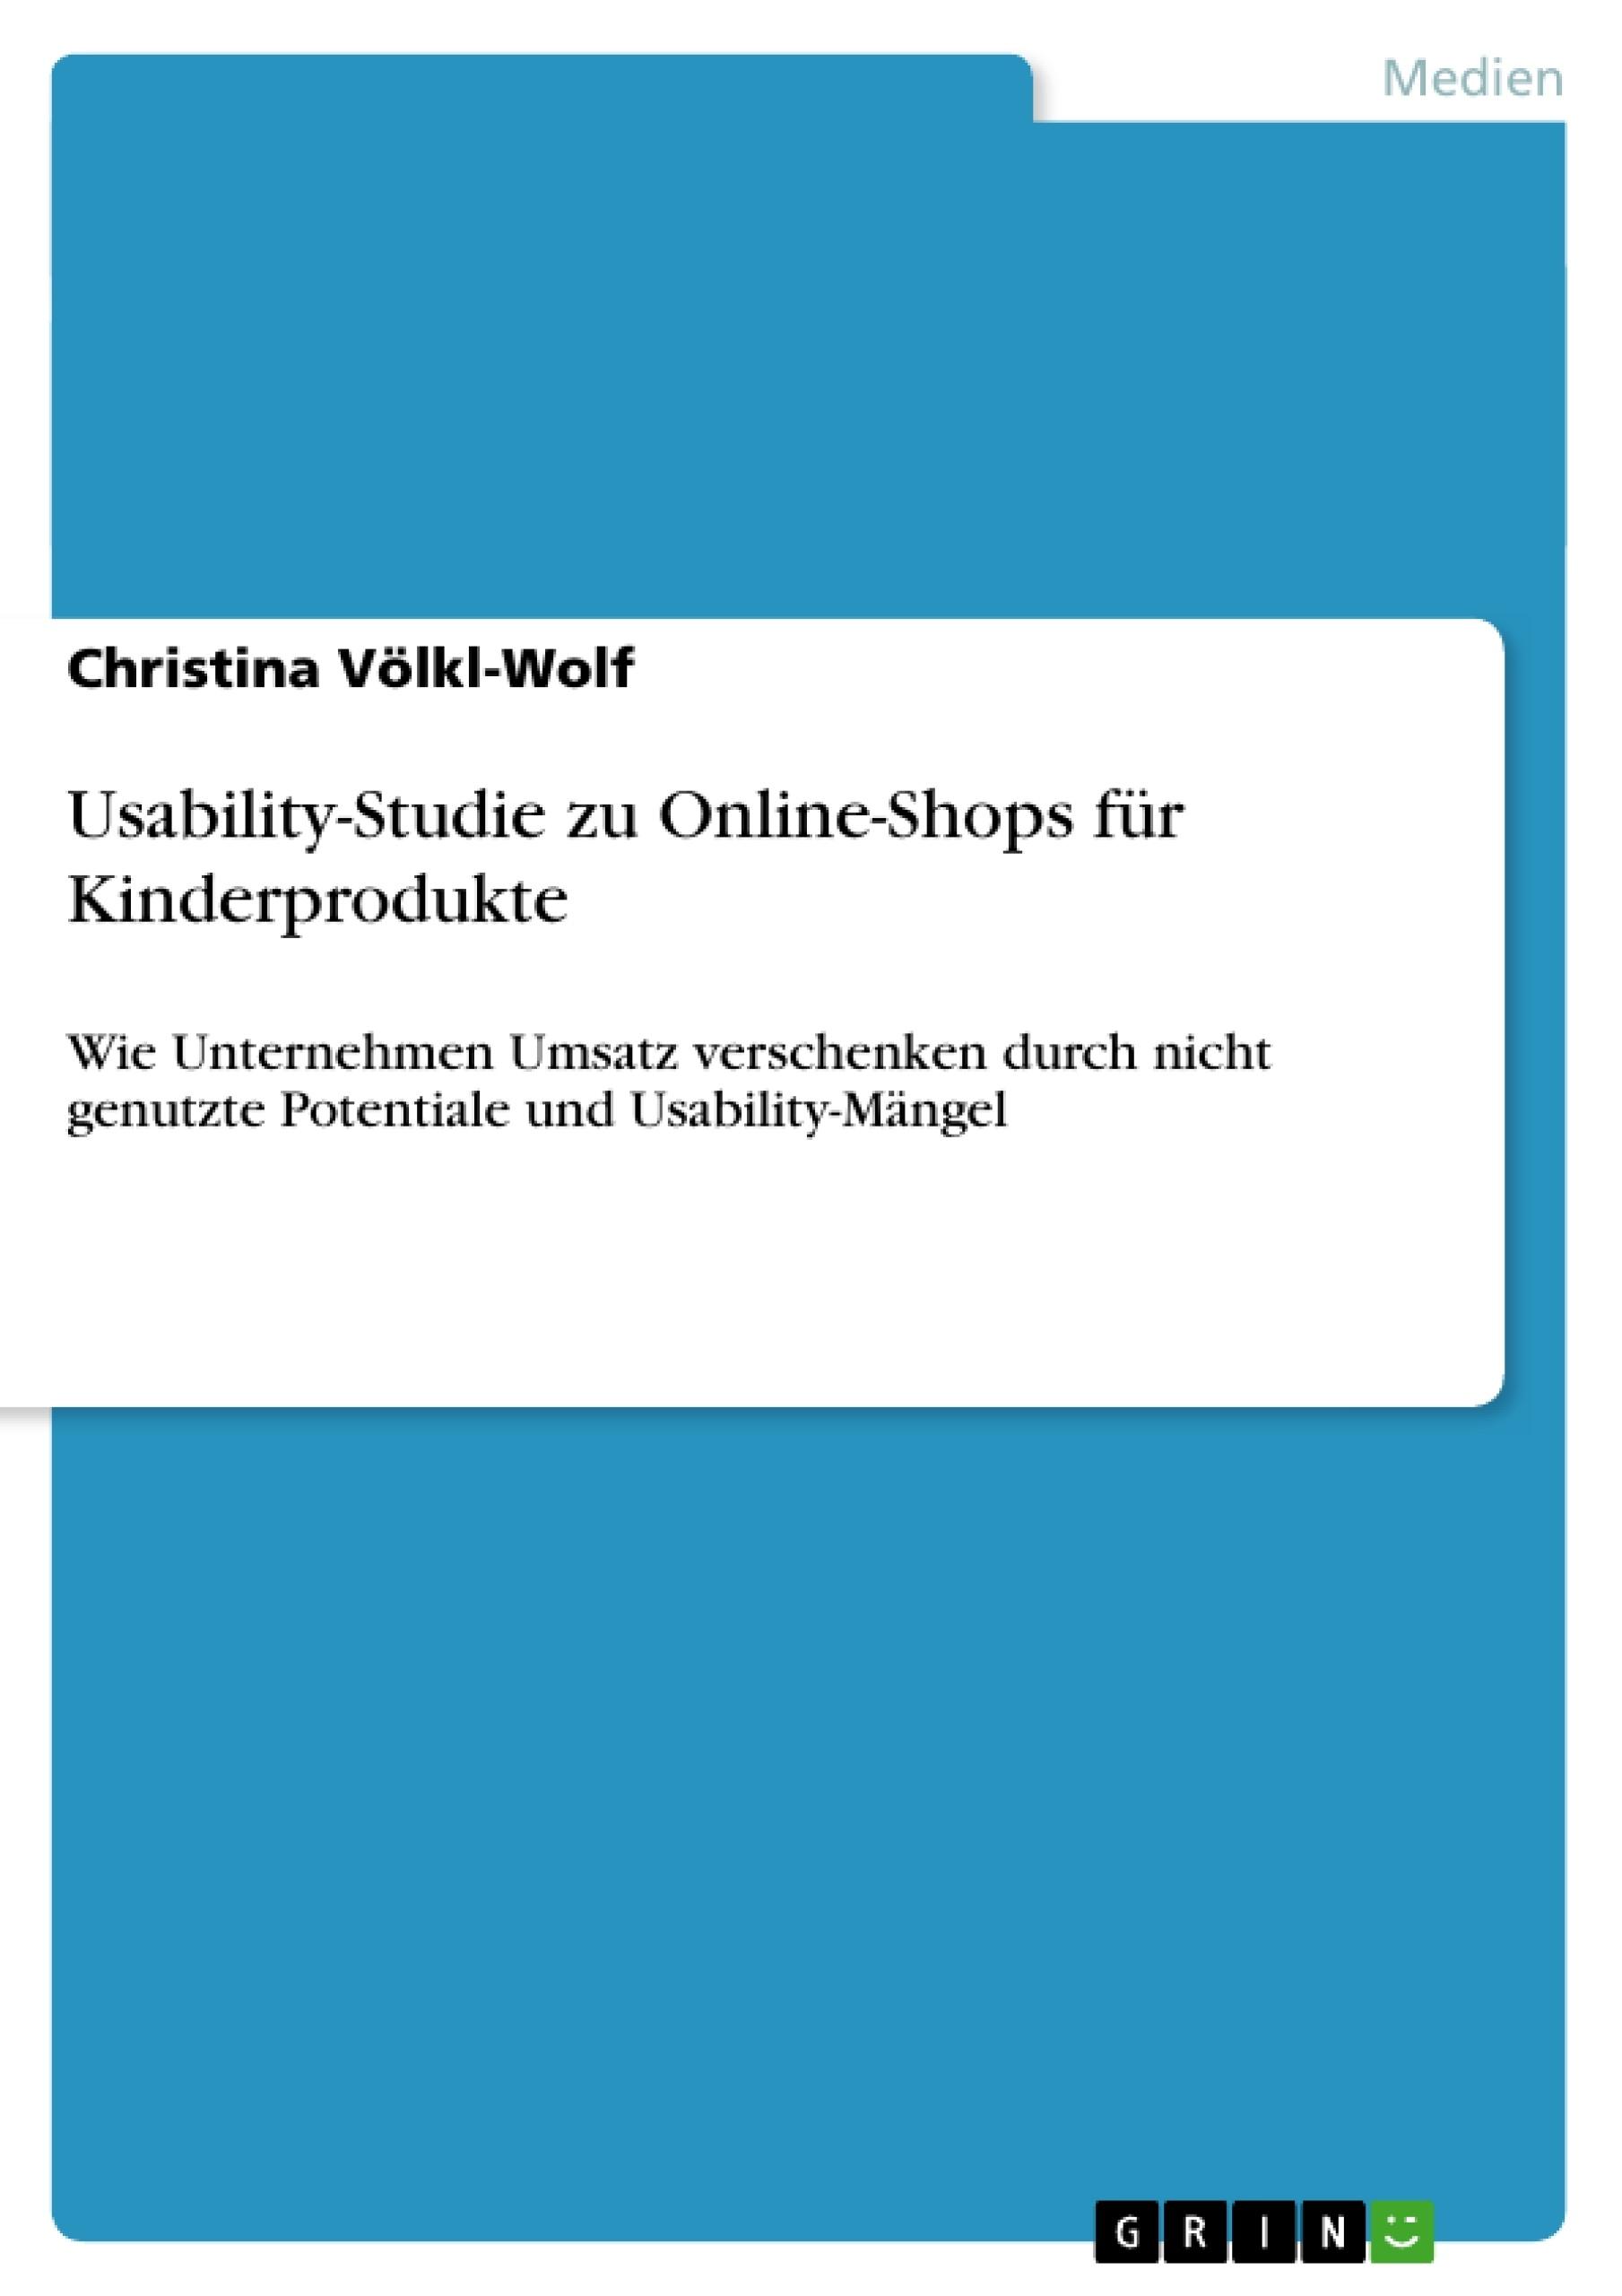 Titel: Usability-Studie zu Online-Shops  für Kinderprodukte